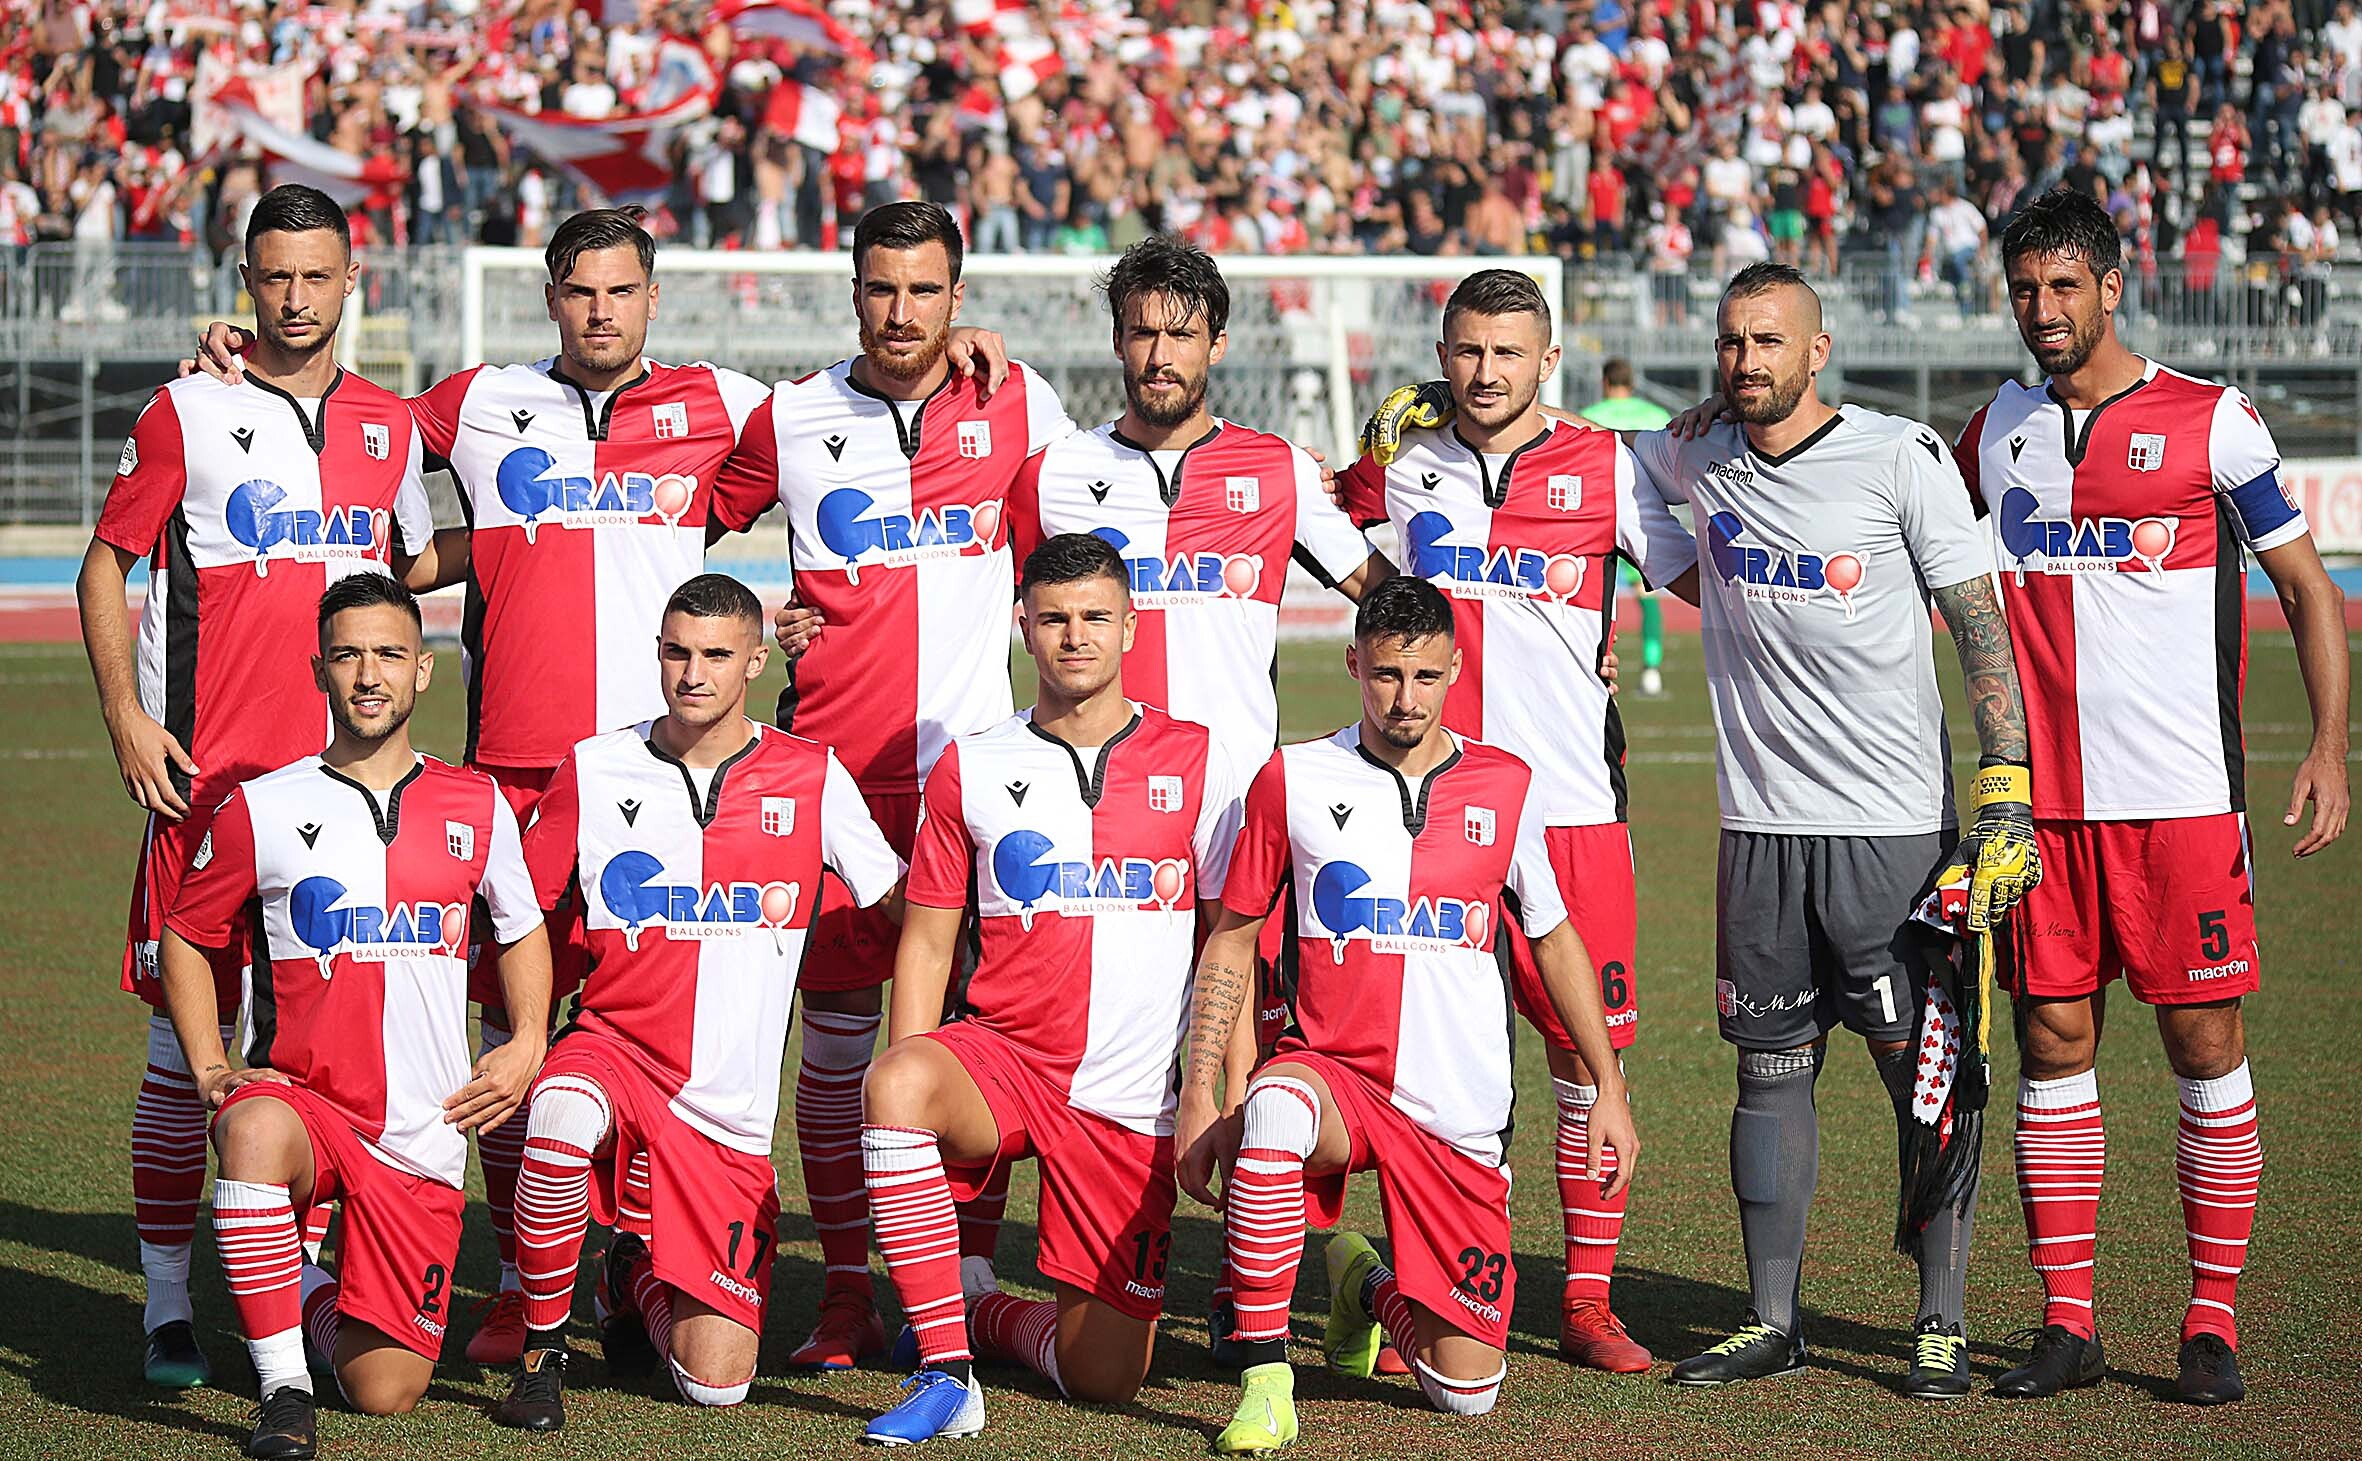 Calcio serie C, Rimini-Vis Pesaro si giocherà sabato alle 15